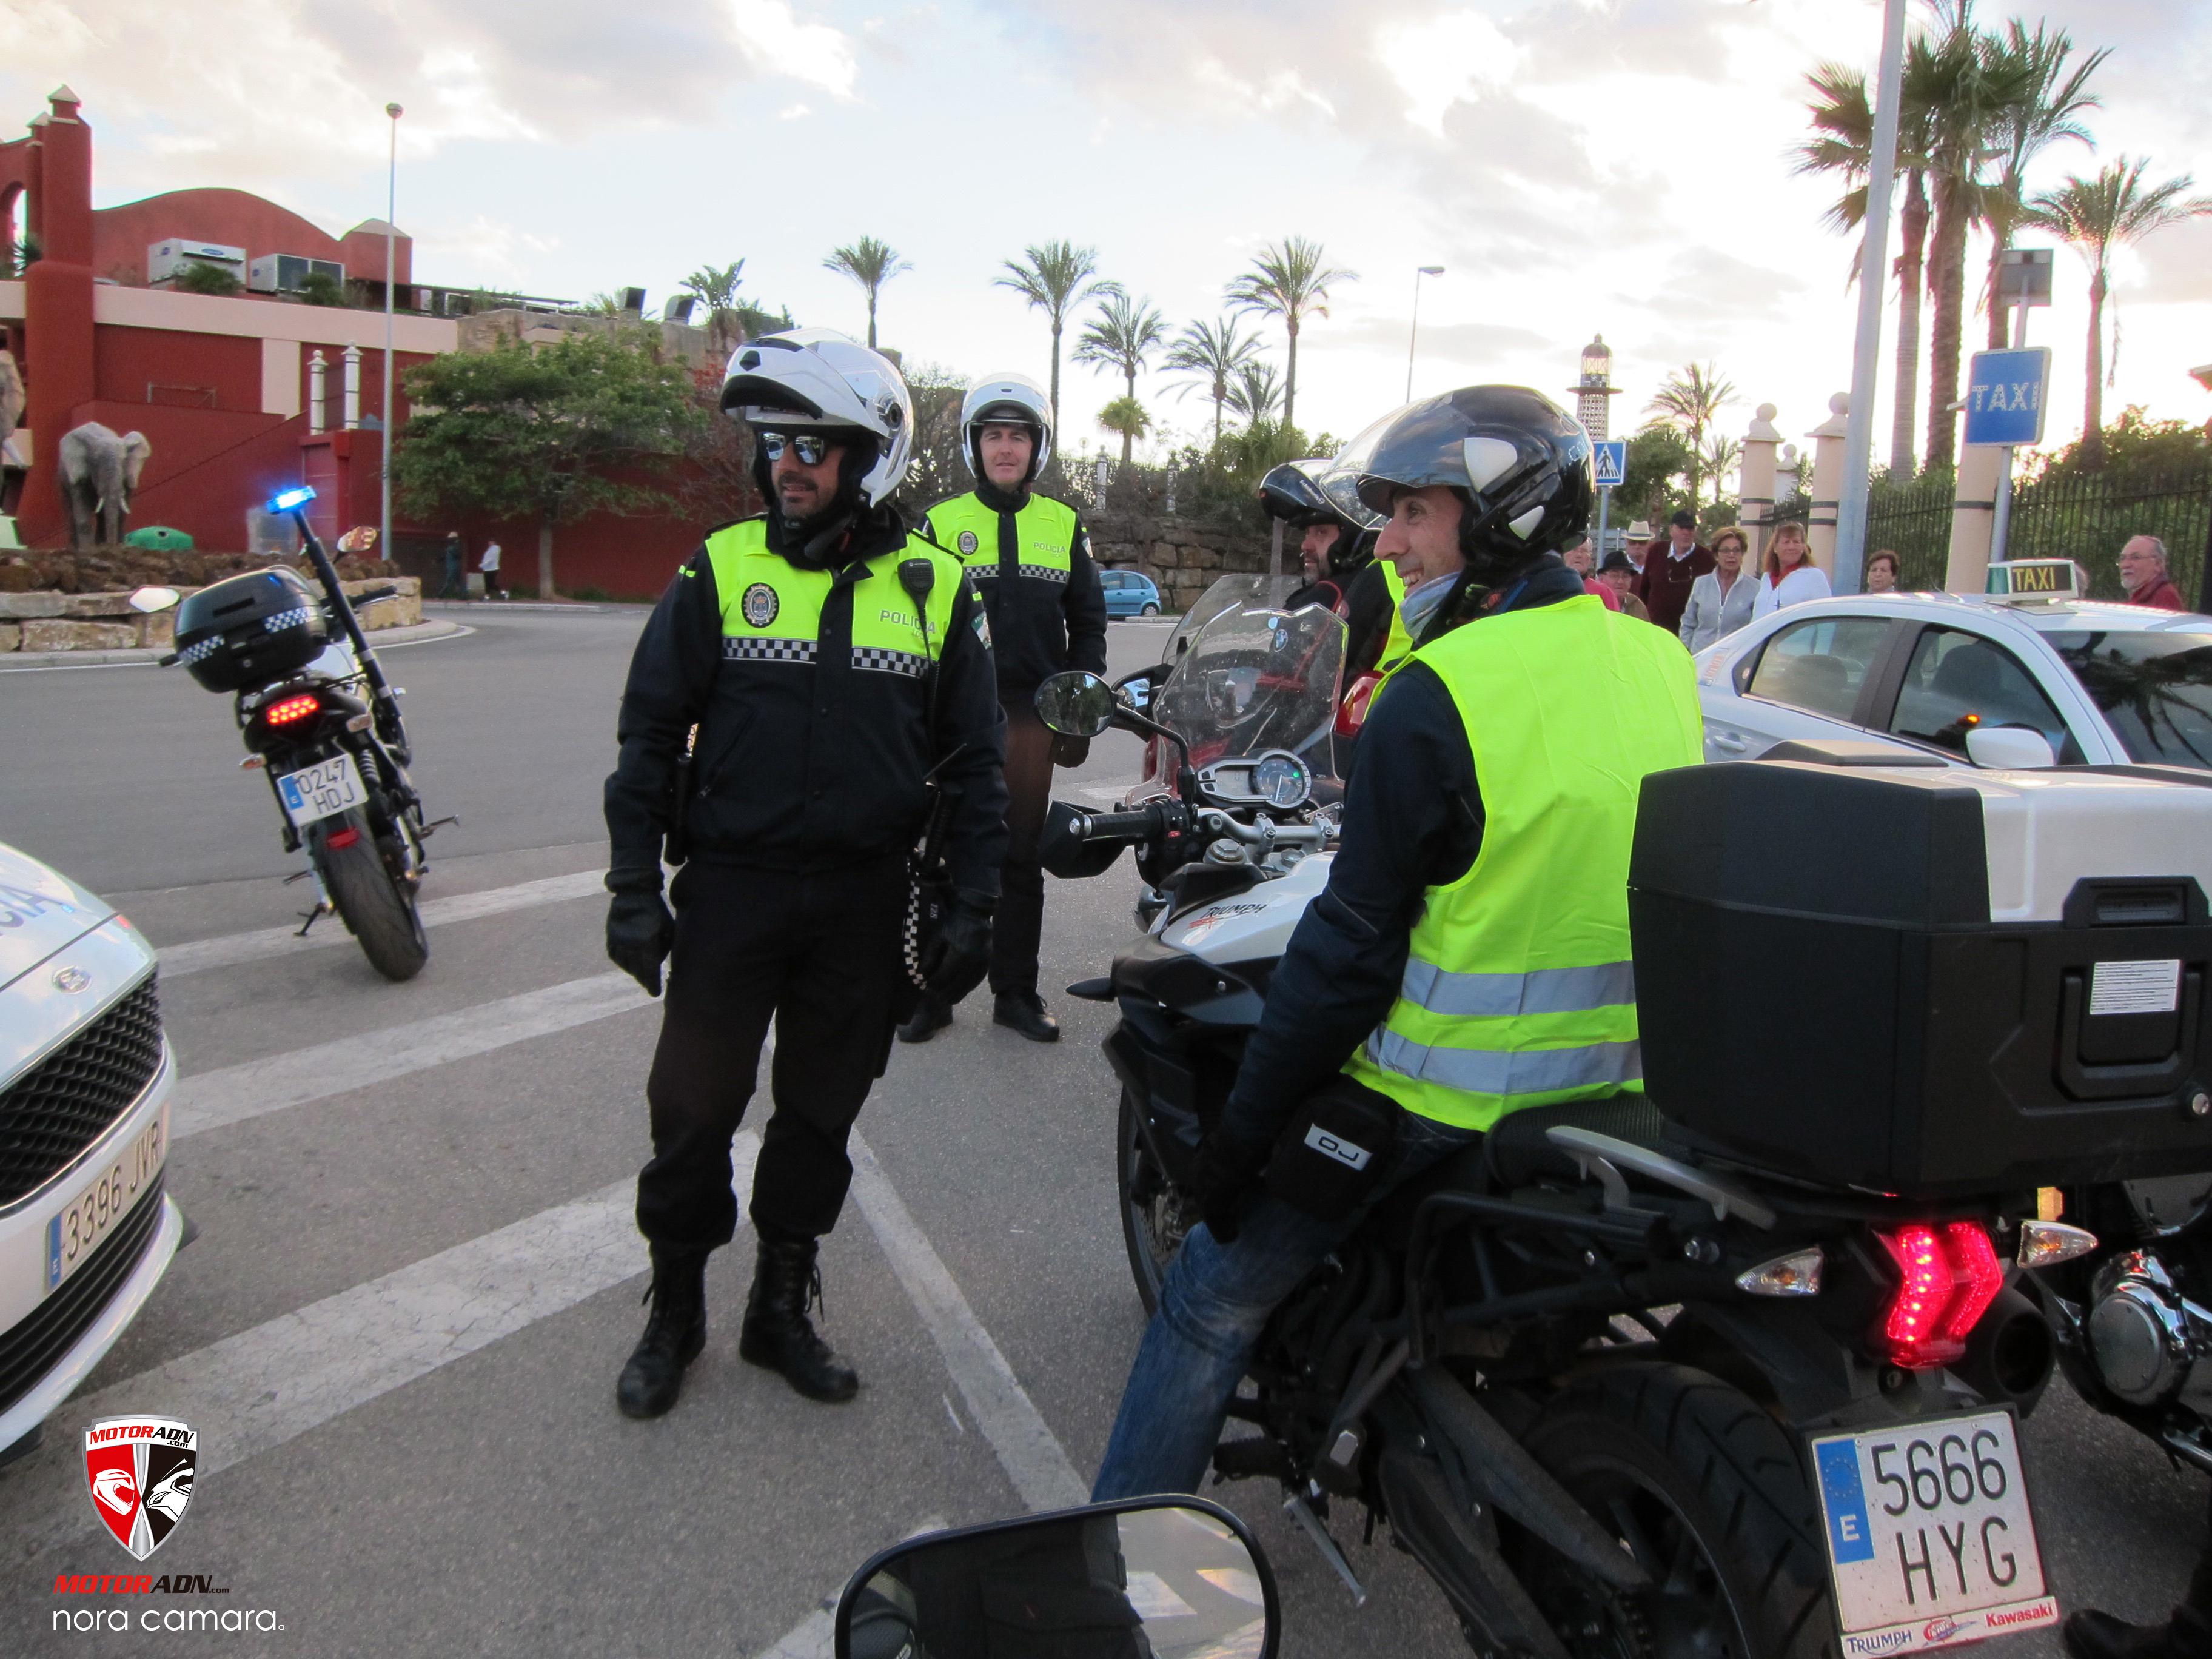 Primera_Reunión_Policías_Moteros_Benalmadena_motoradn_2018_29